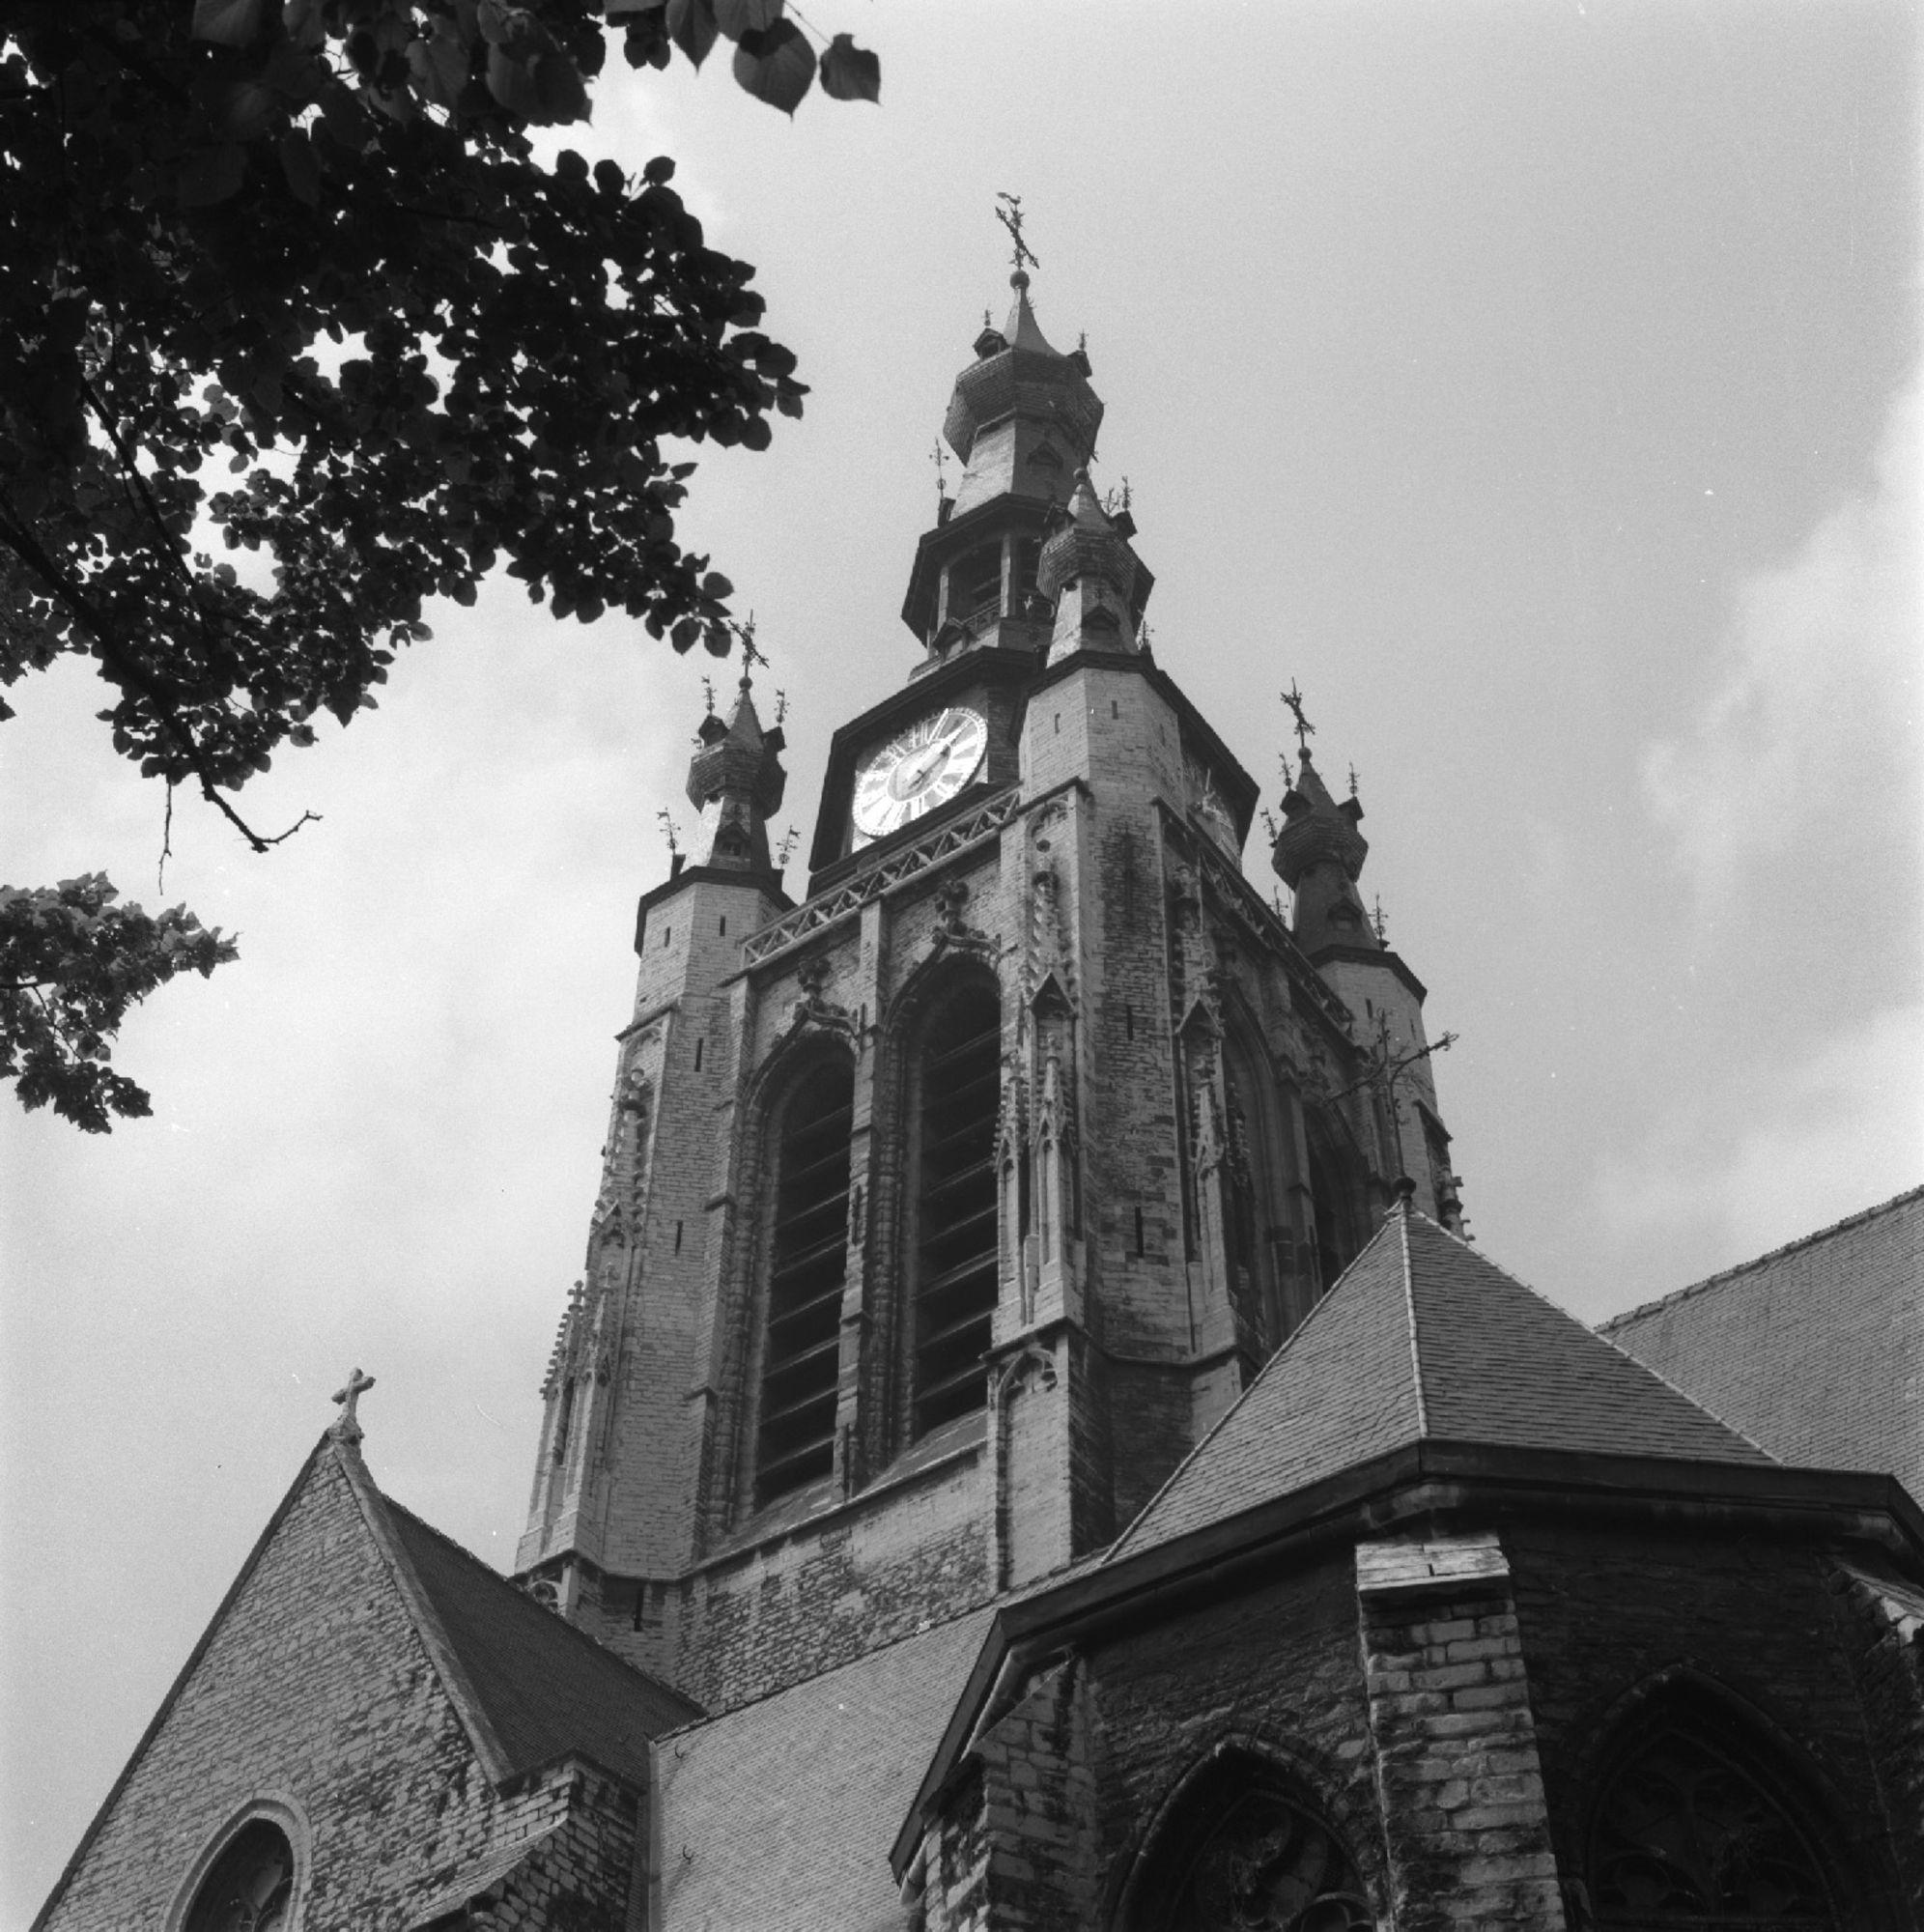 Toren van de Sint-Maartenskerk